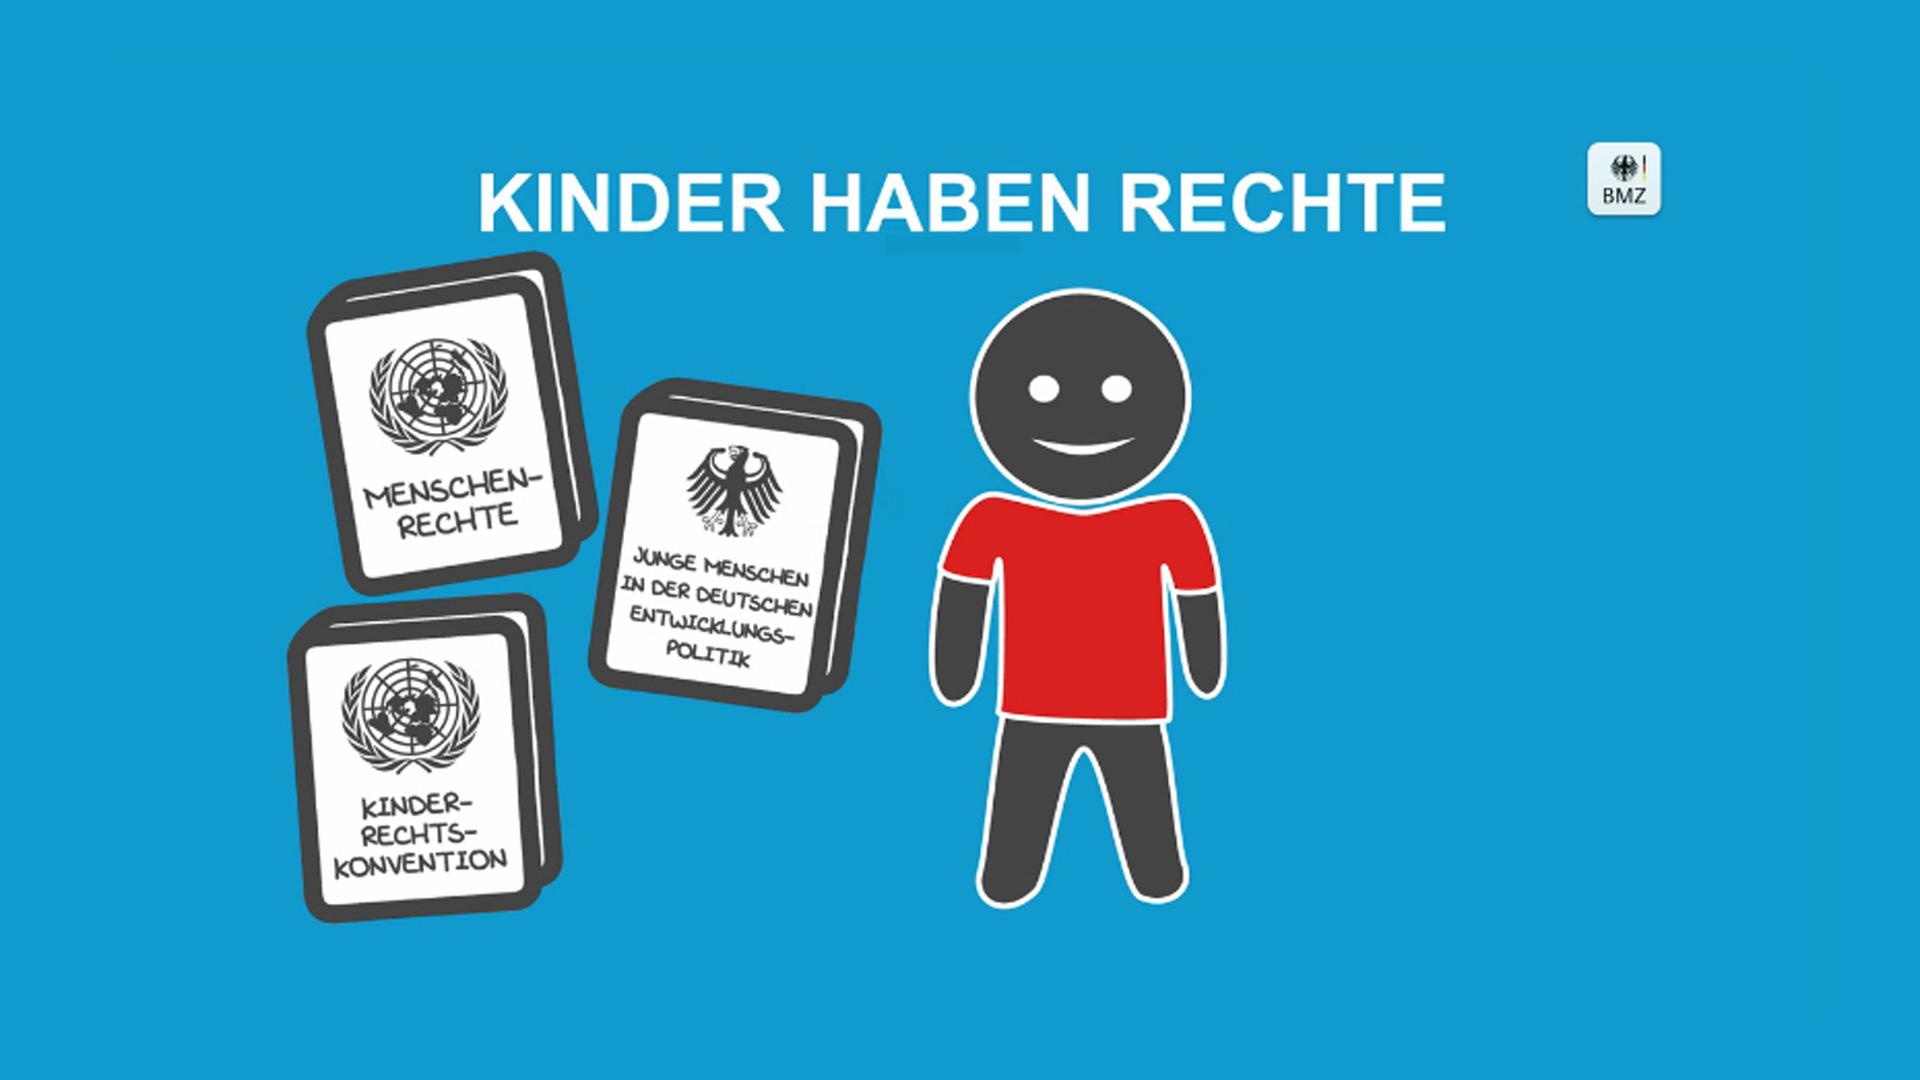 """Standbild aus dem BMZ-Video """"Kinder haben ein Recht auf Rechte!"""""""